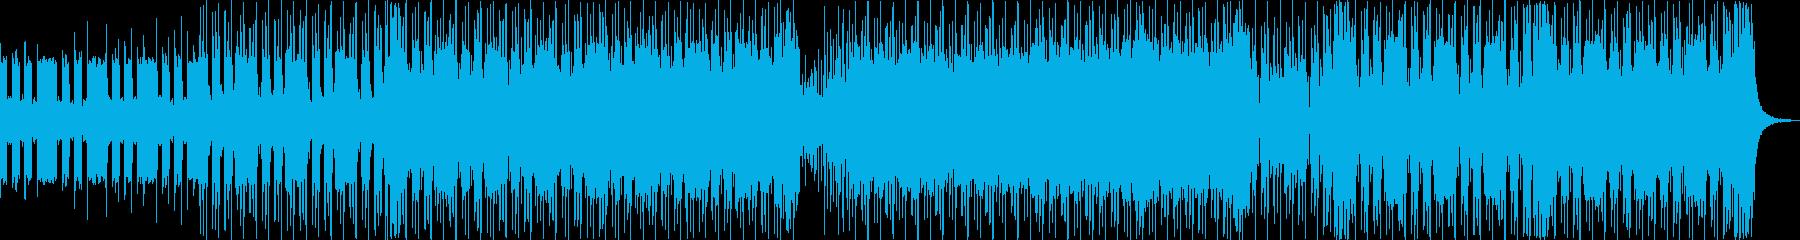 ロック アクション 説明的 adv...の再生済みの波形